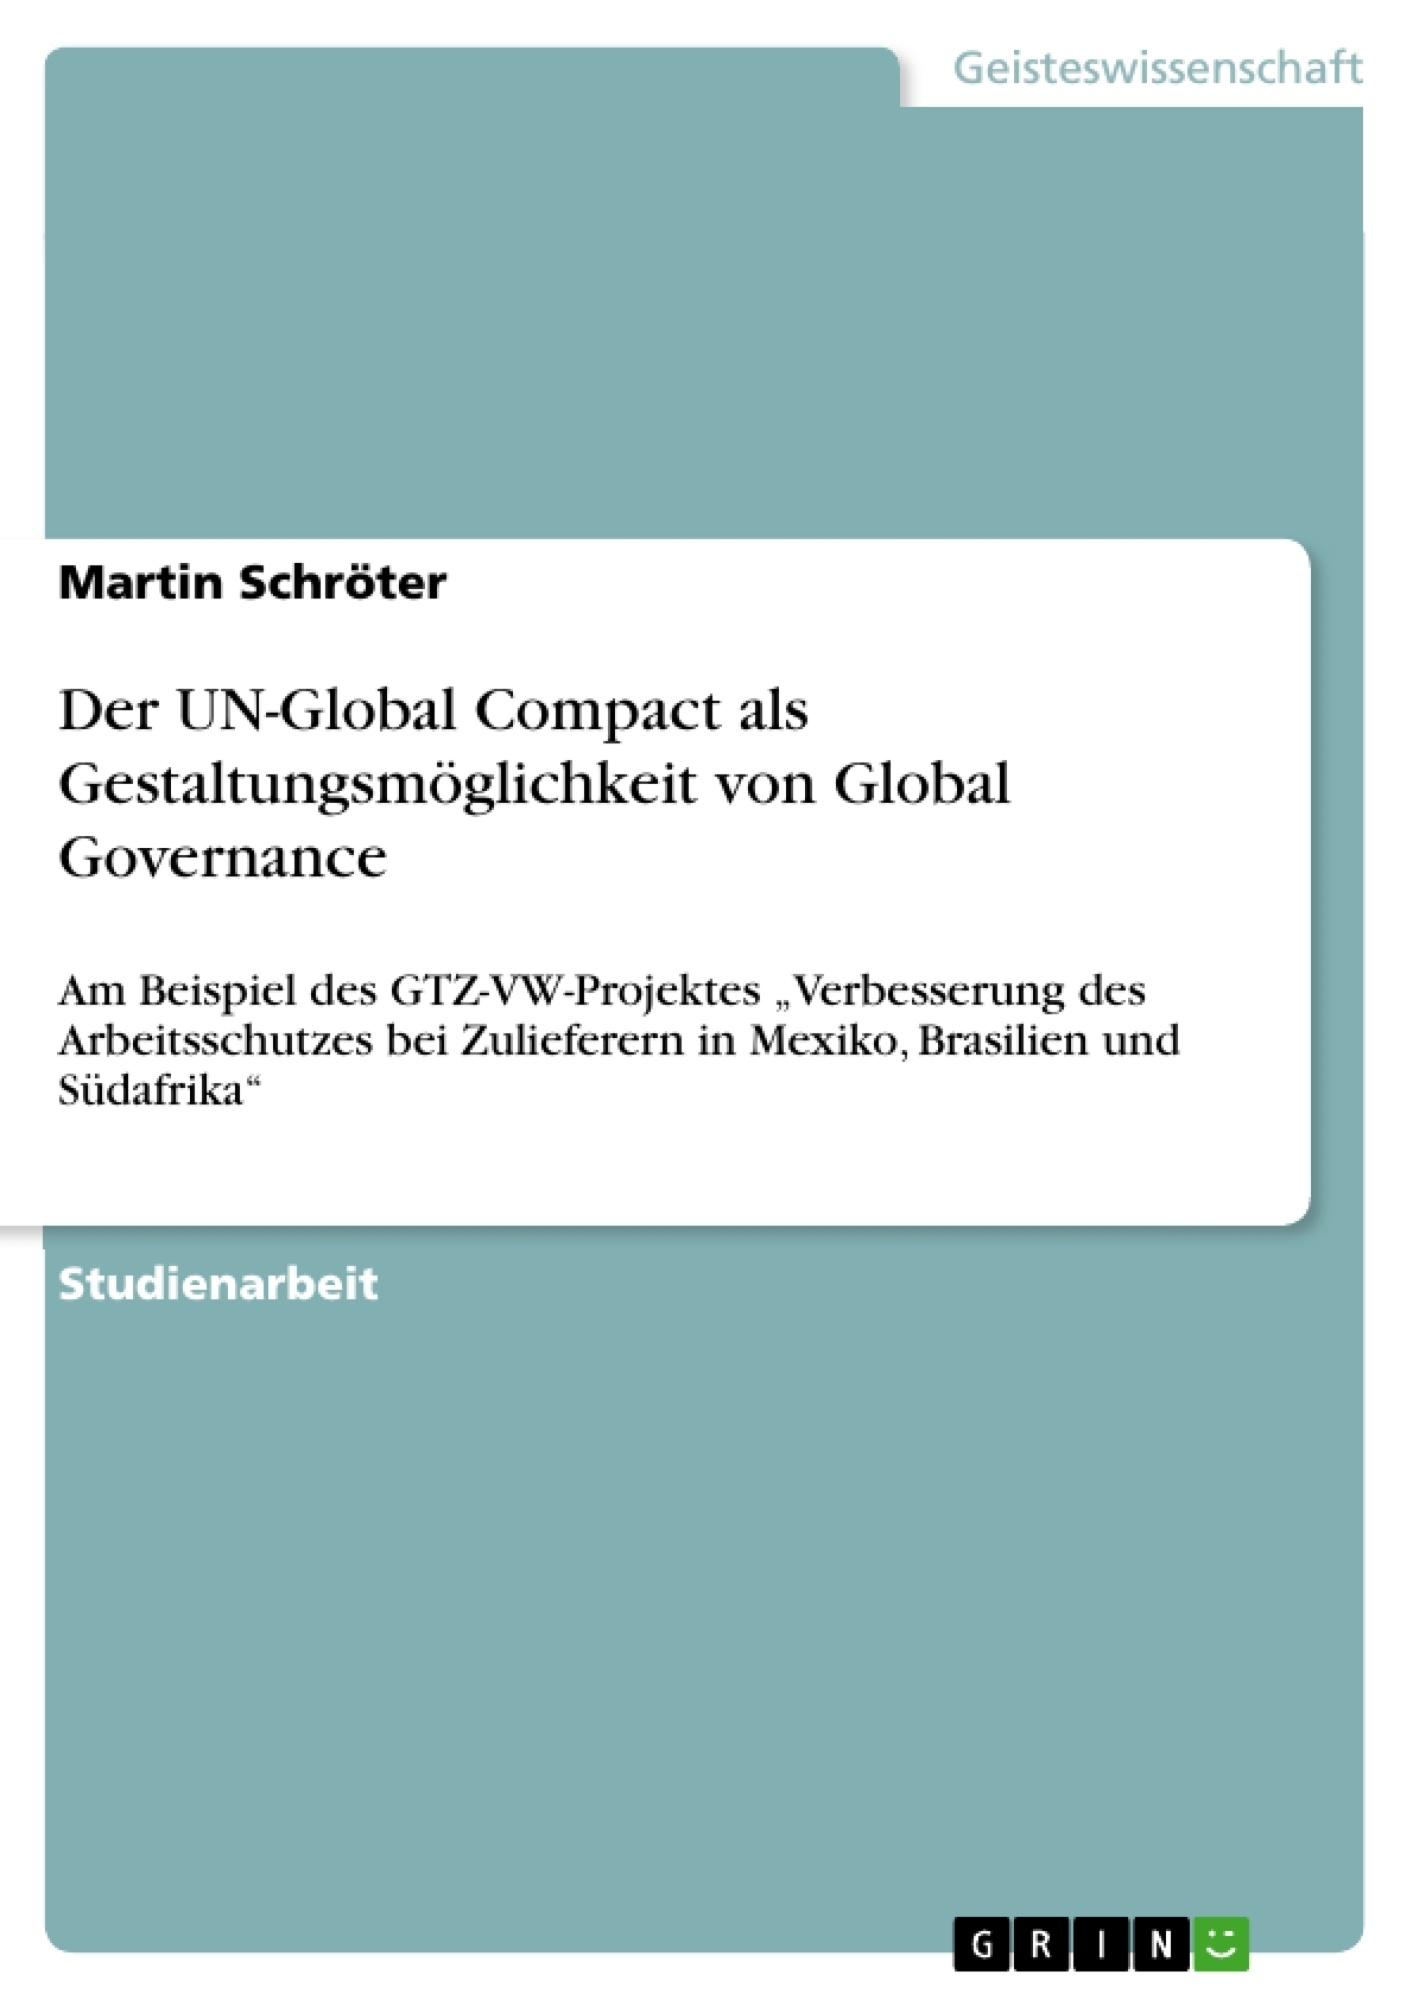 Titel: Der UN-Global Compact als Gestaltungsmöglichkeit von Global Governance